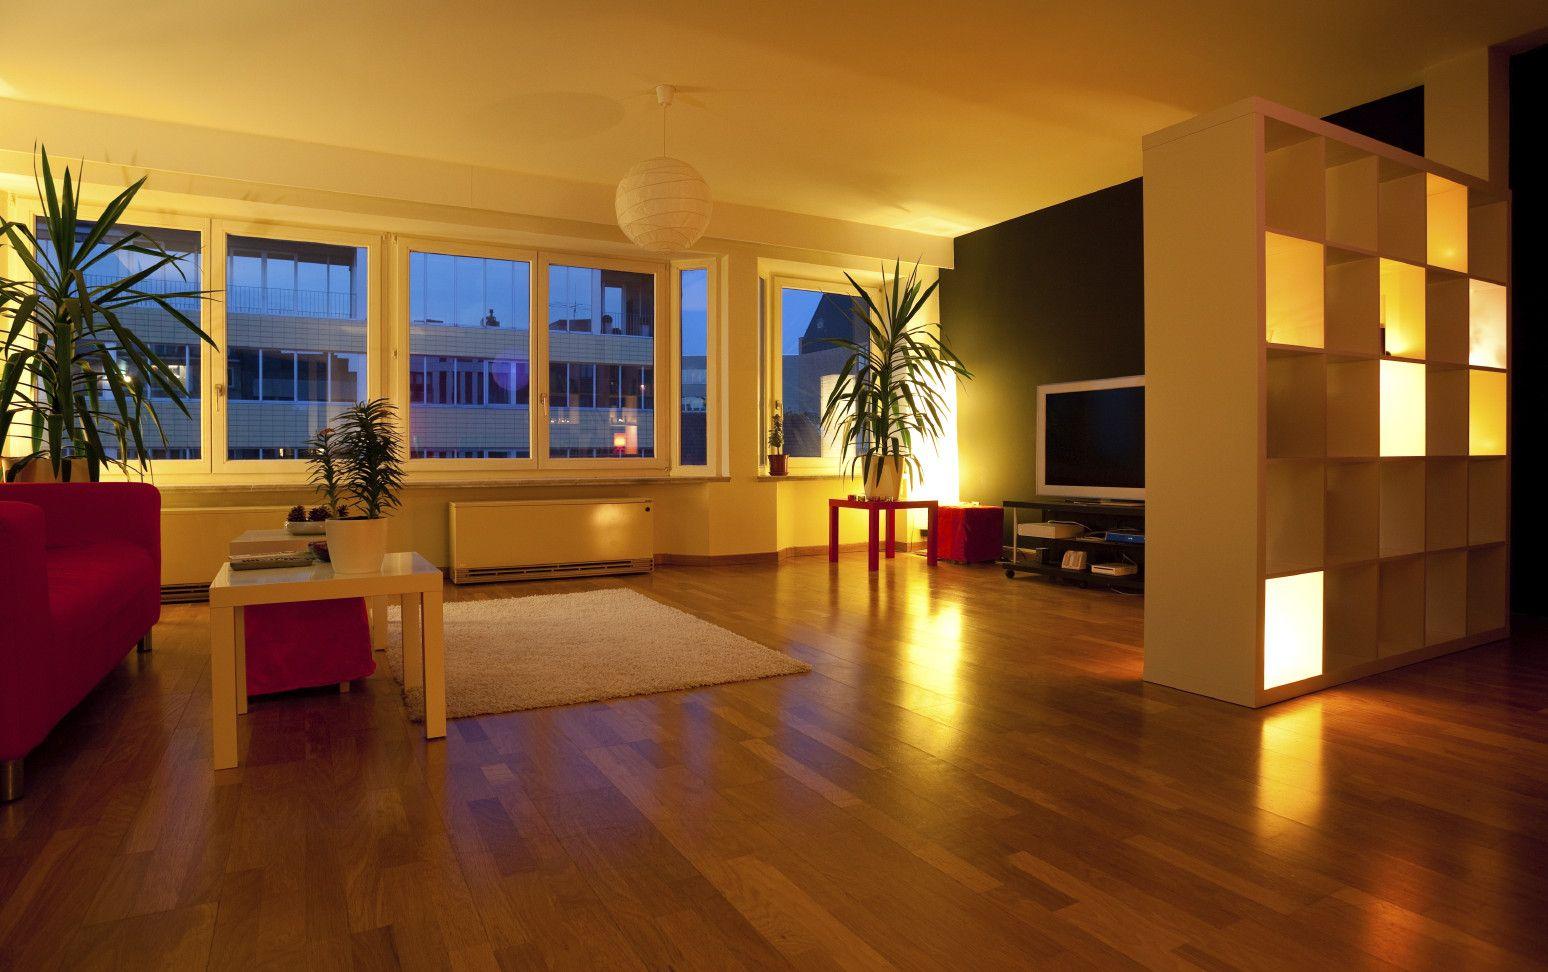 kreative beleuchtungsideen für wohnzimmer_indirekte beleuchtung ...